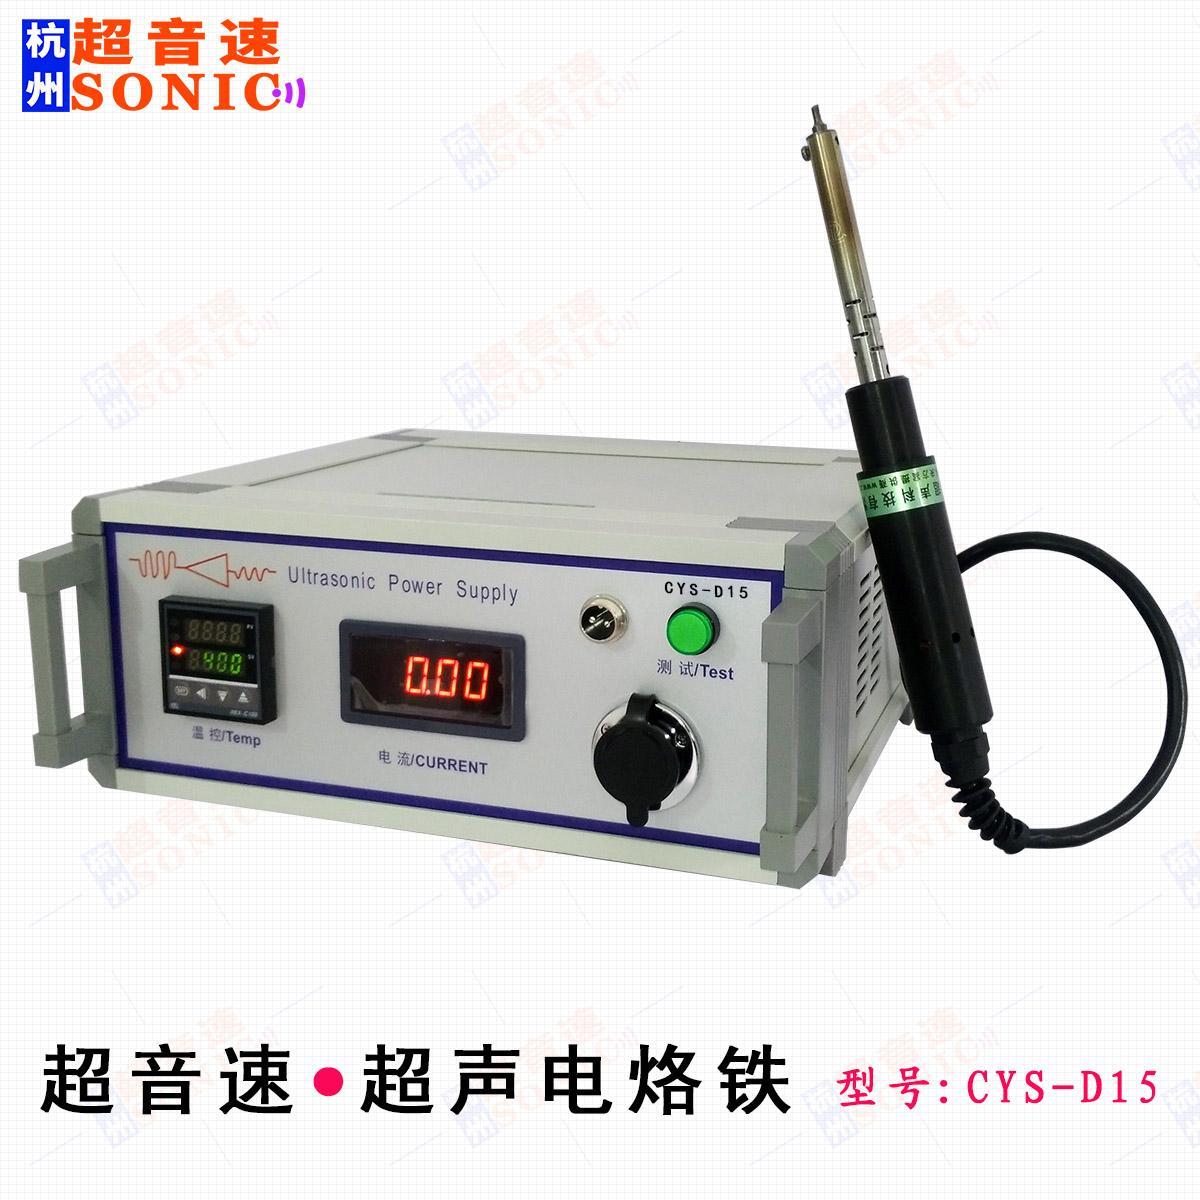 超音速CYS-D15超声波电烙铁焊锡机 1